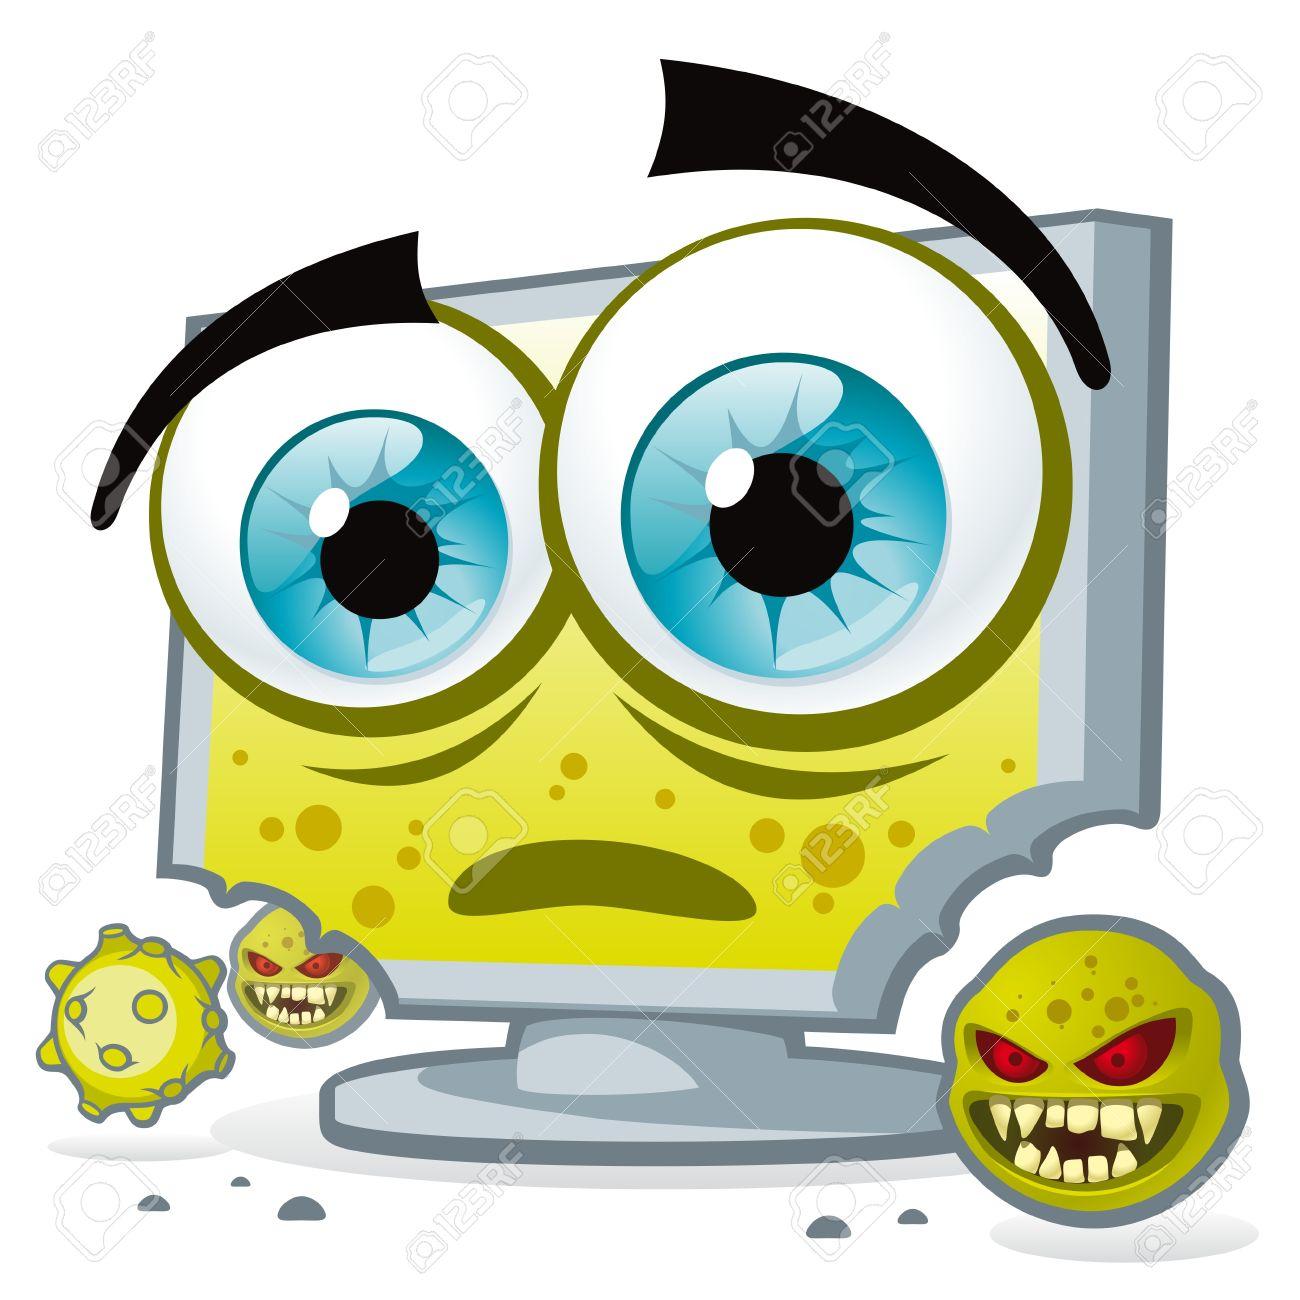 phan-mem-diet-virus-kaspersky